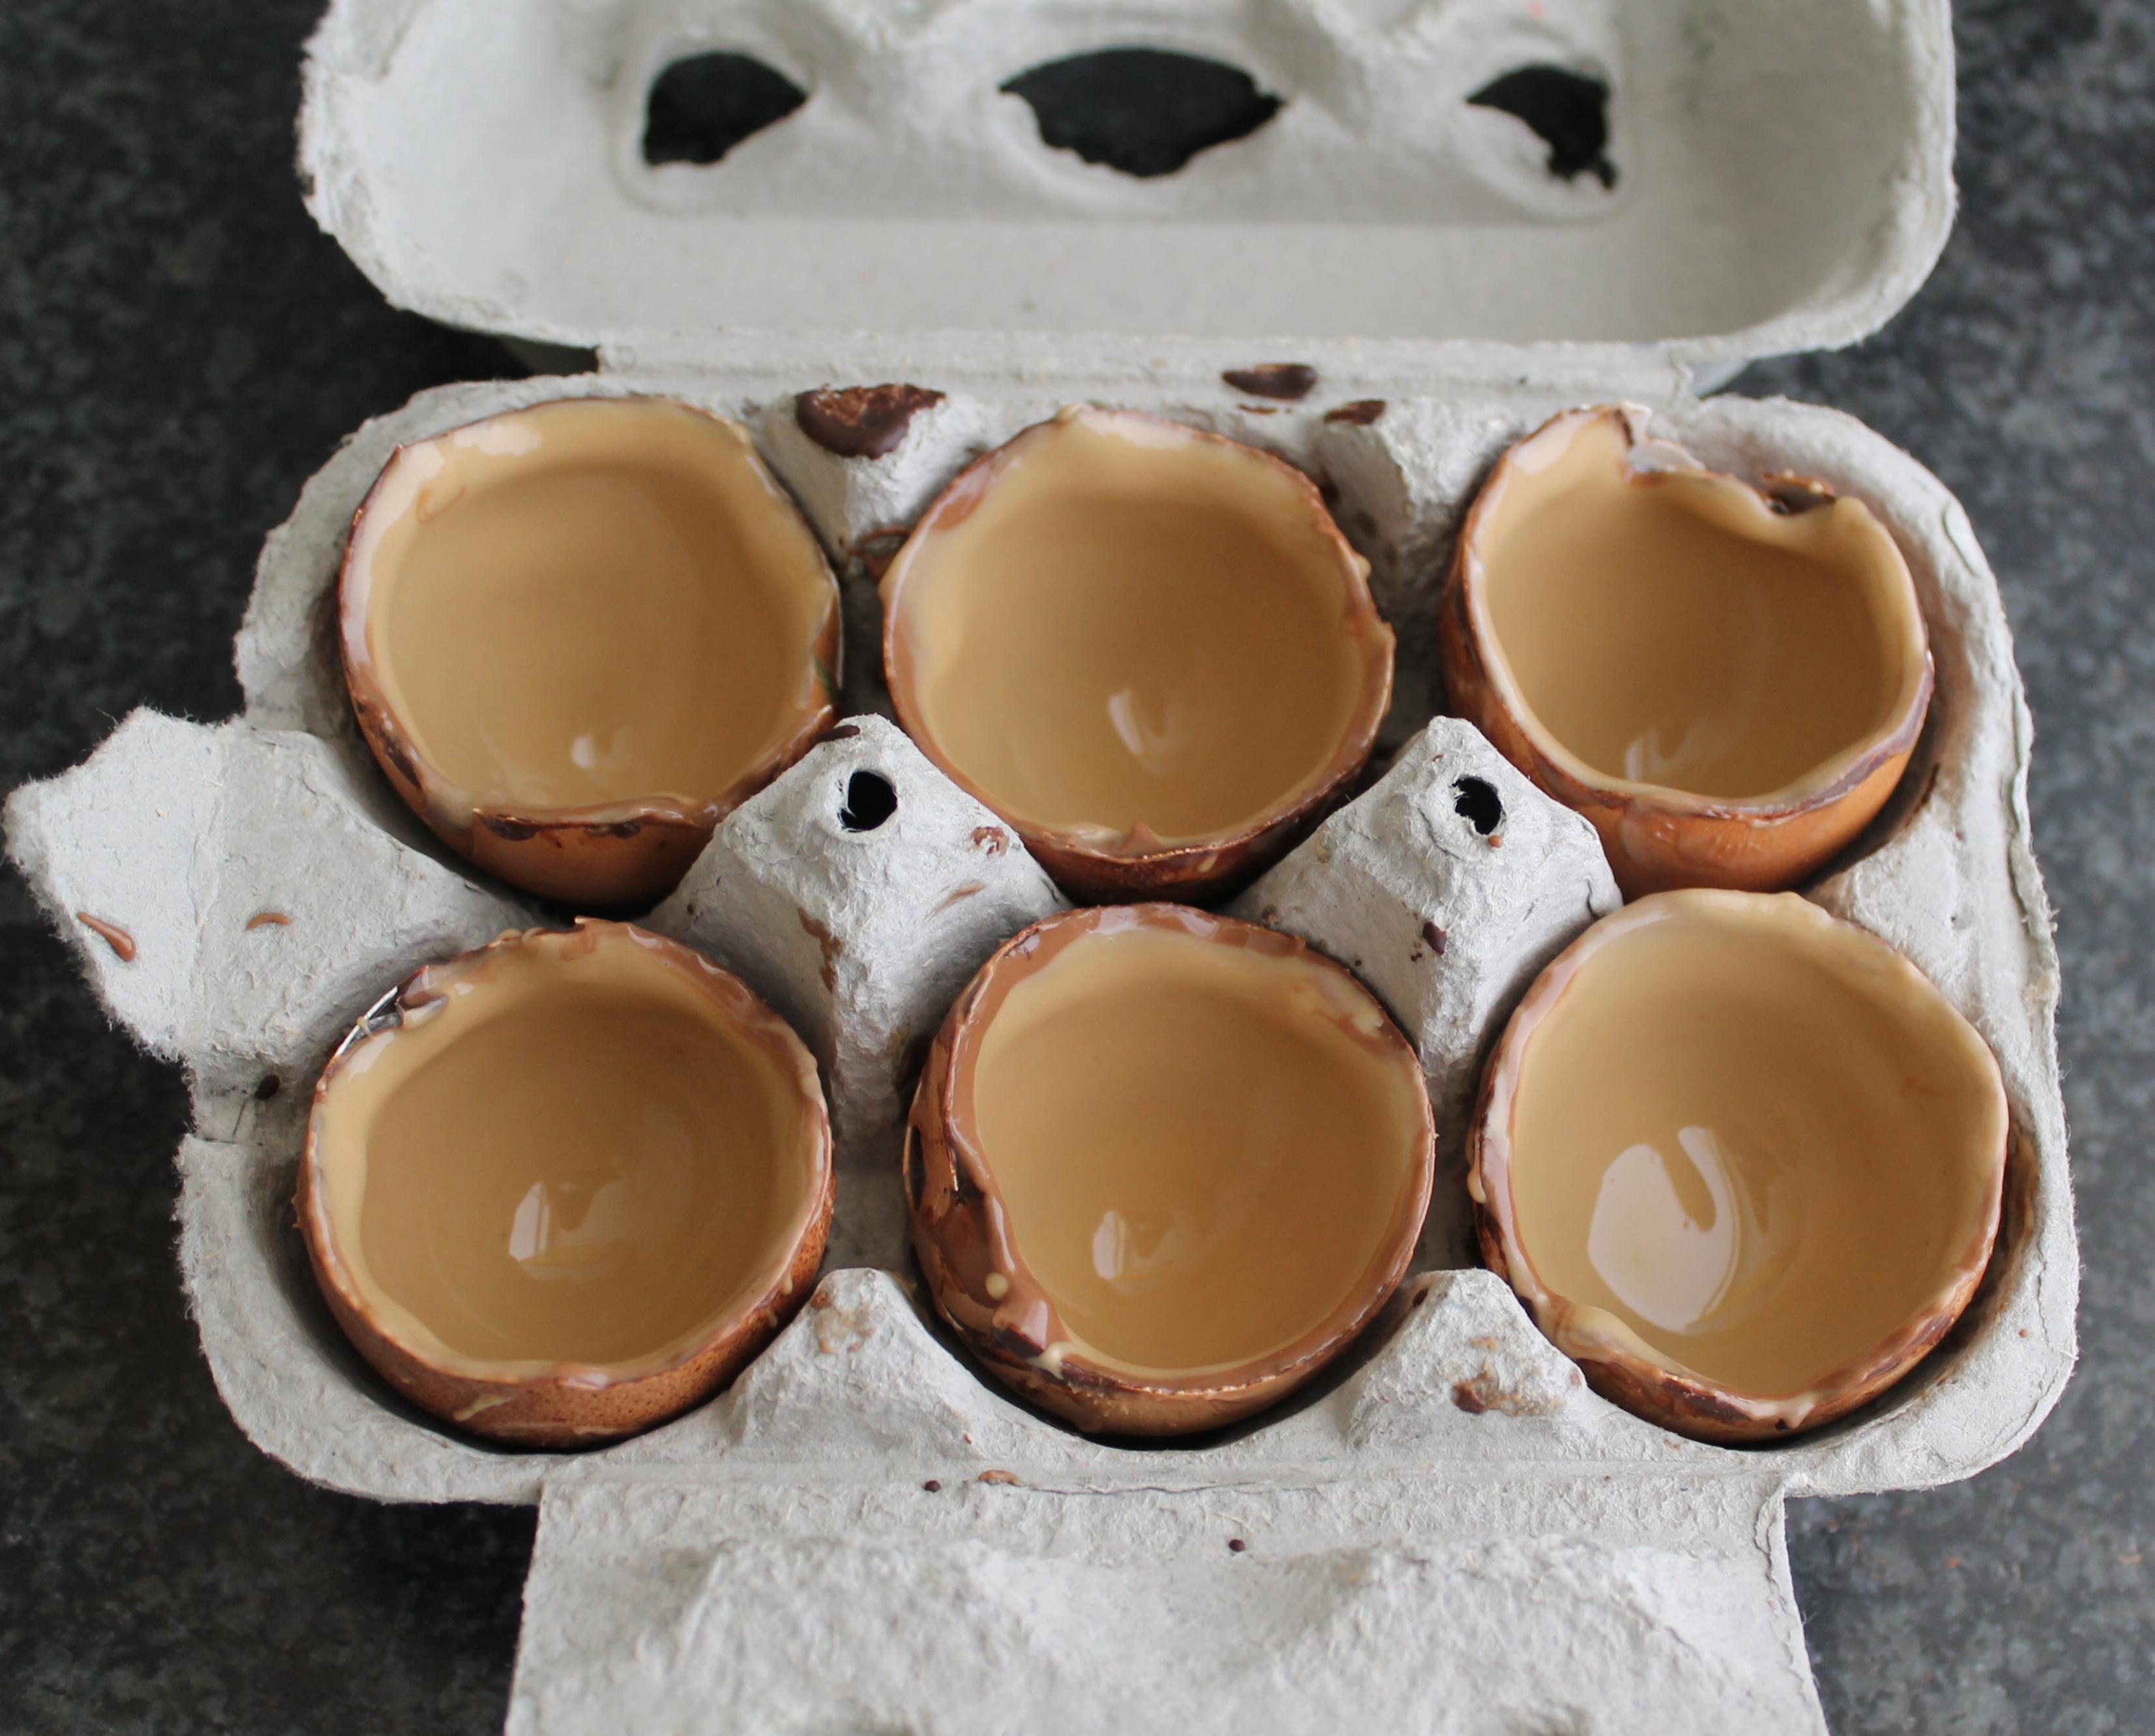 Petits œufs au chocolat et crème au mascarpone - La Cassata Celiaca